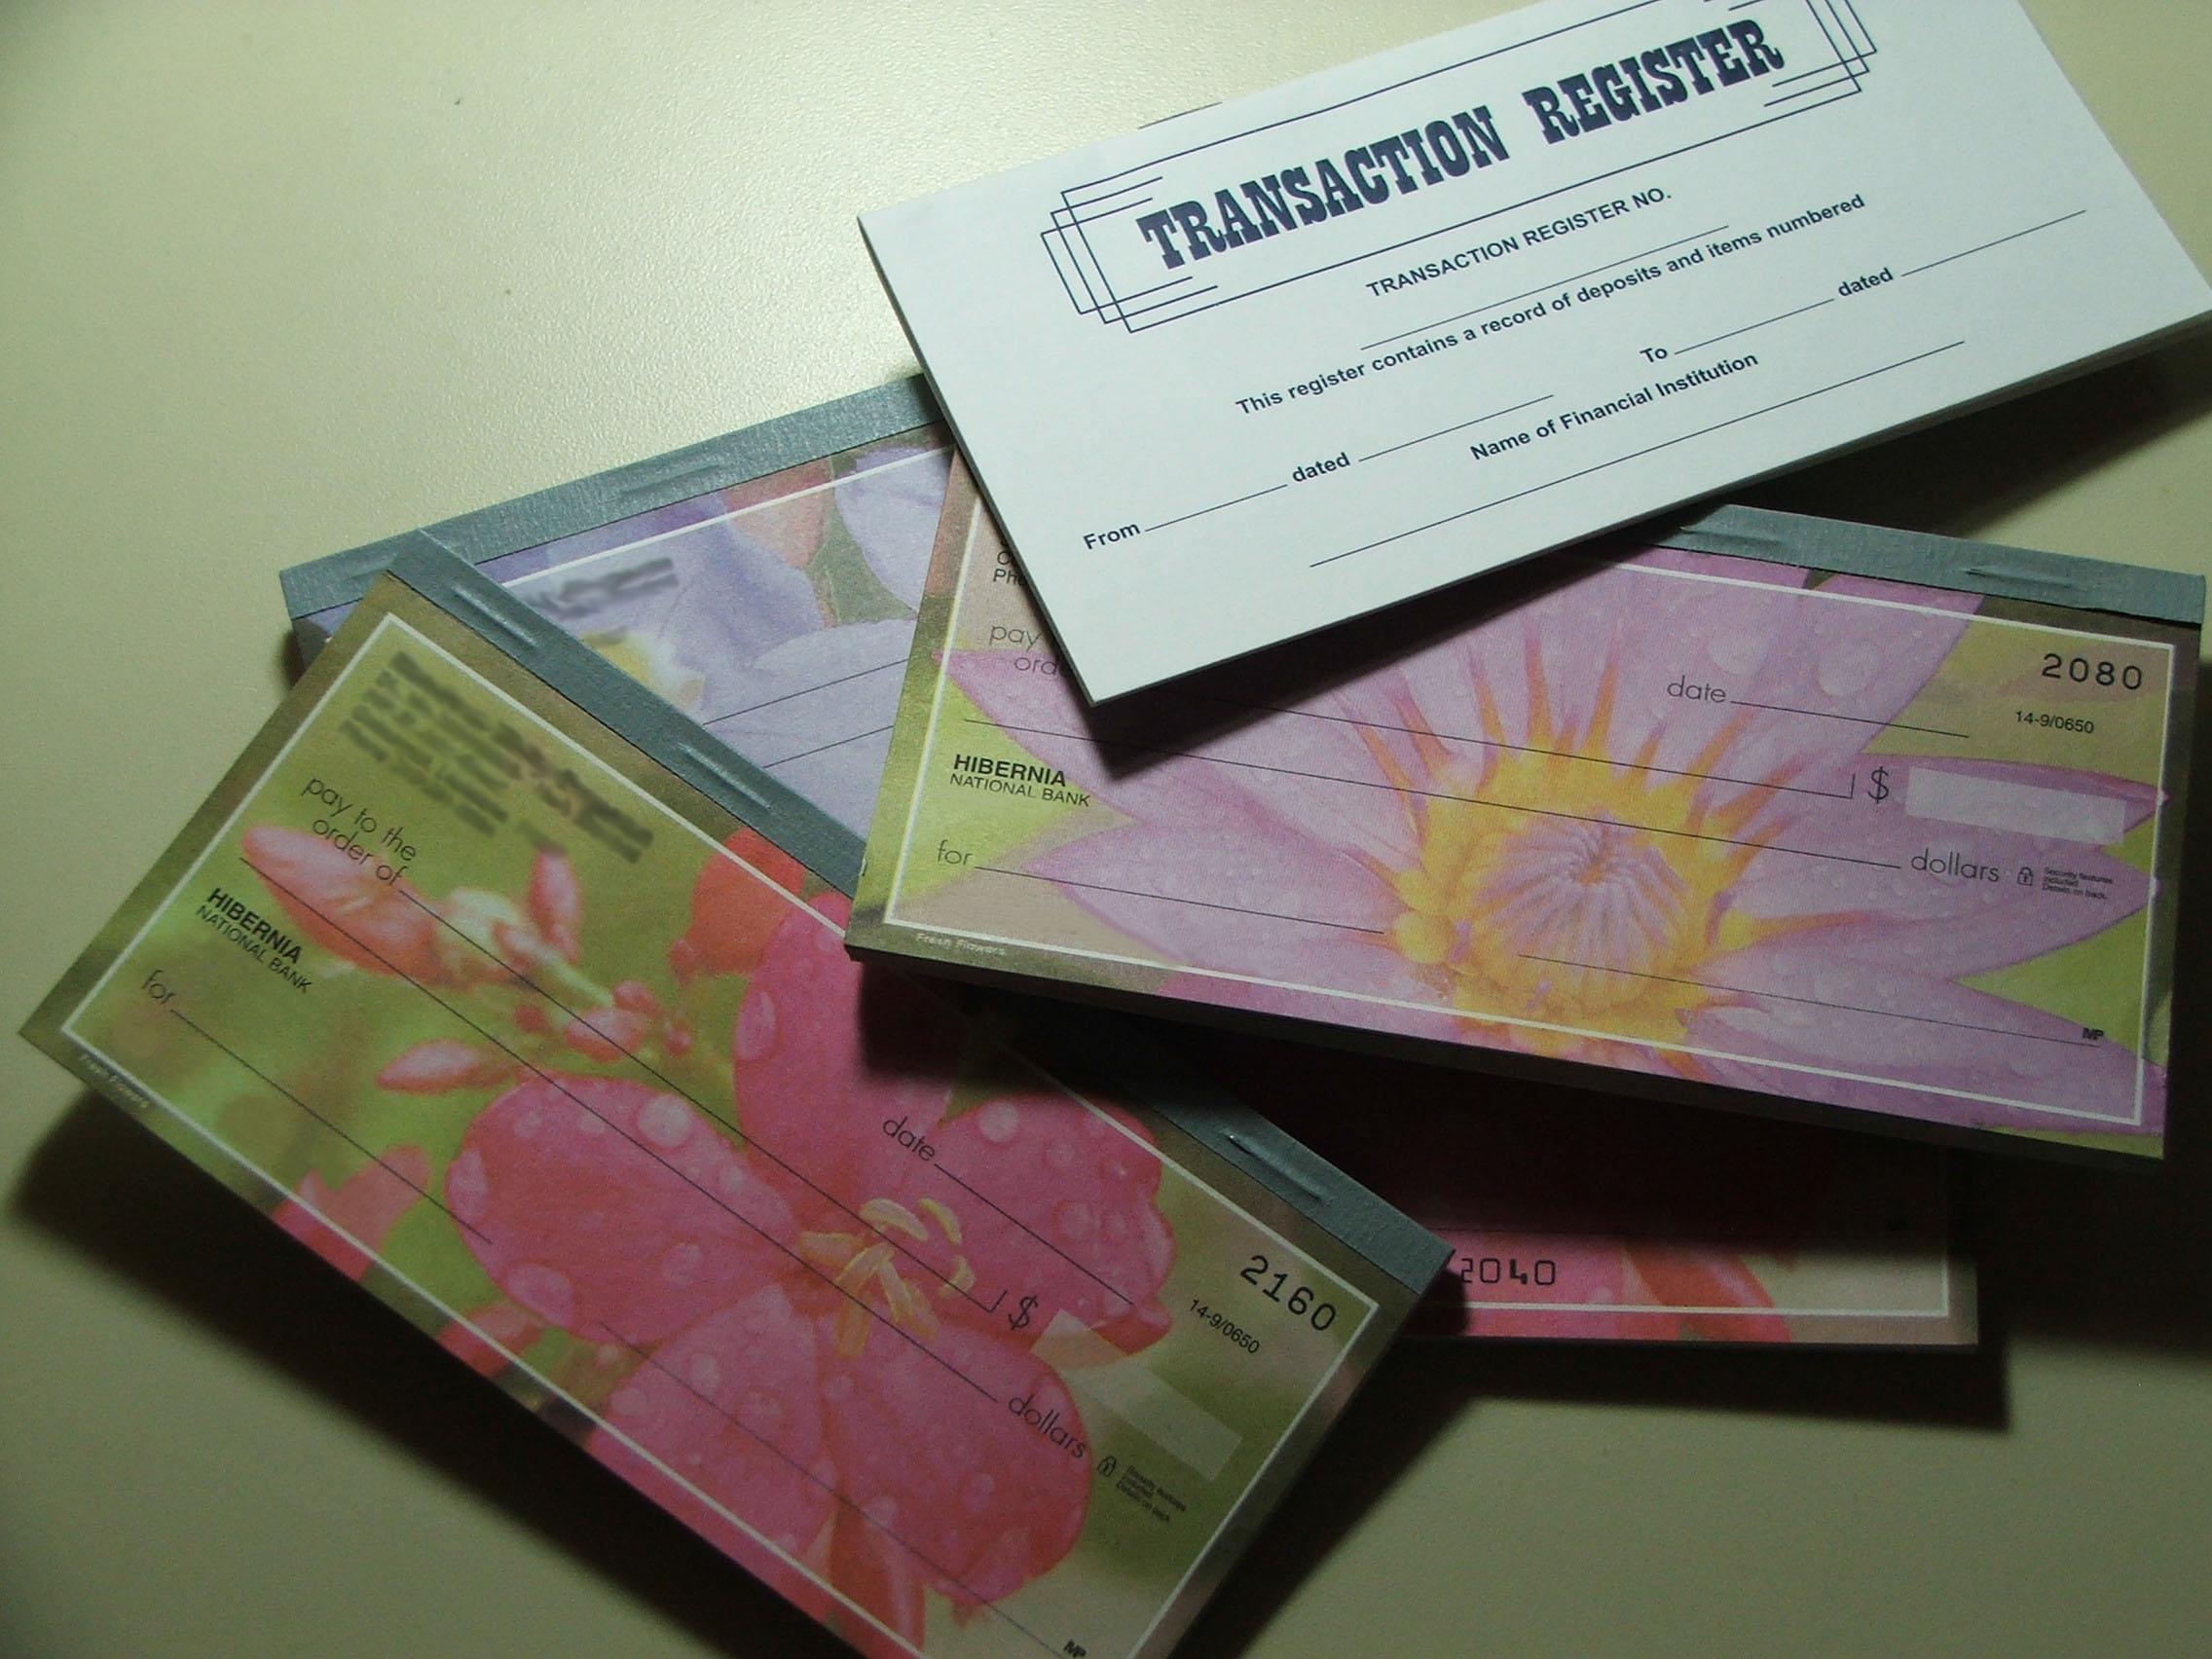 C Mo Realizar Una Transferencia Bancaria Nacional